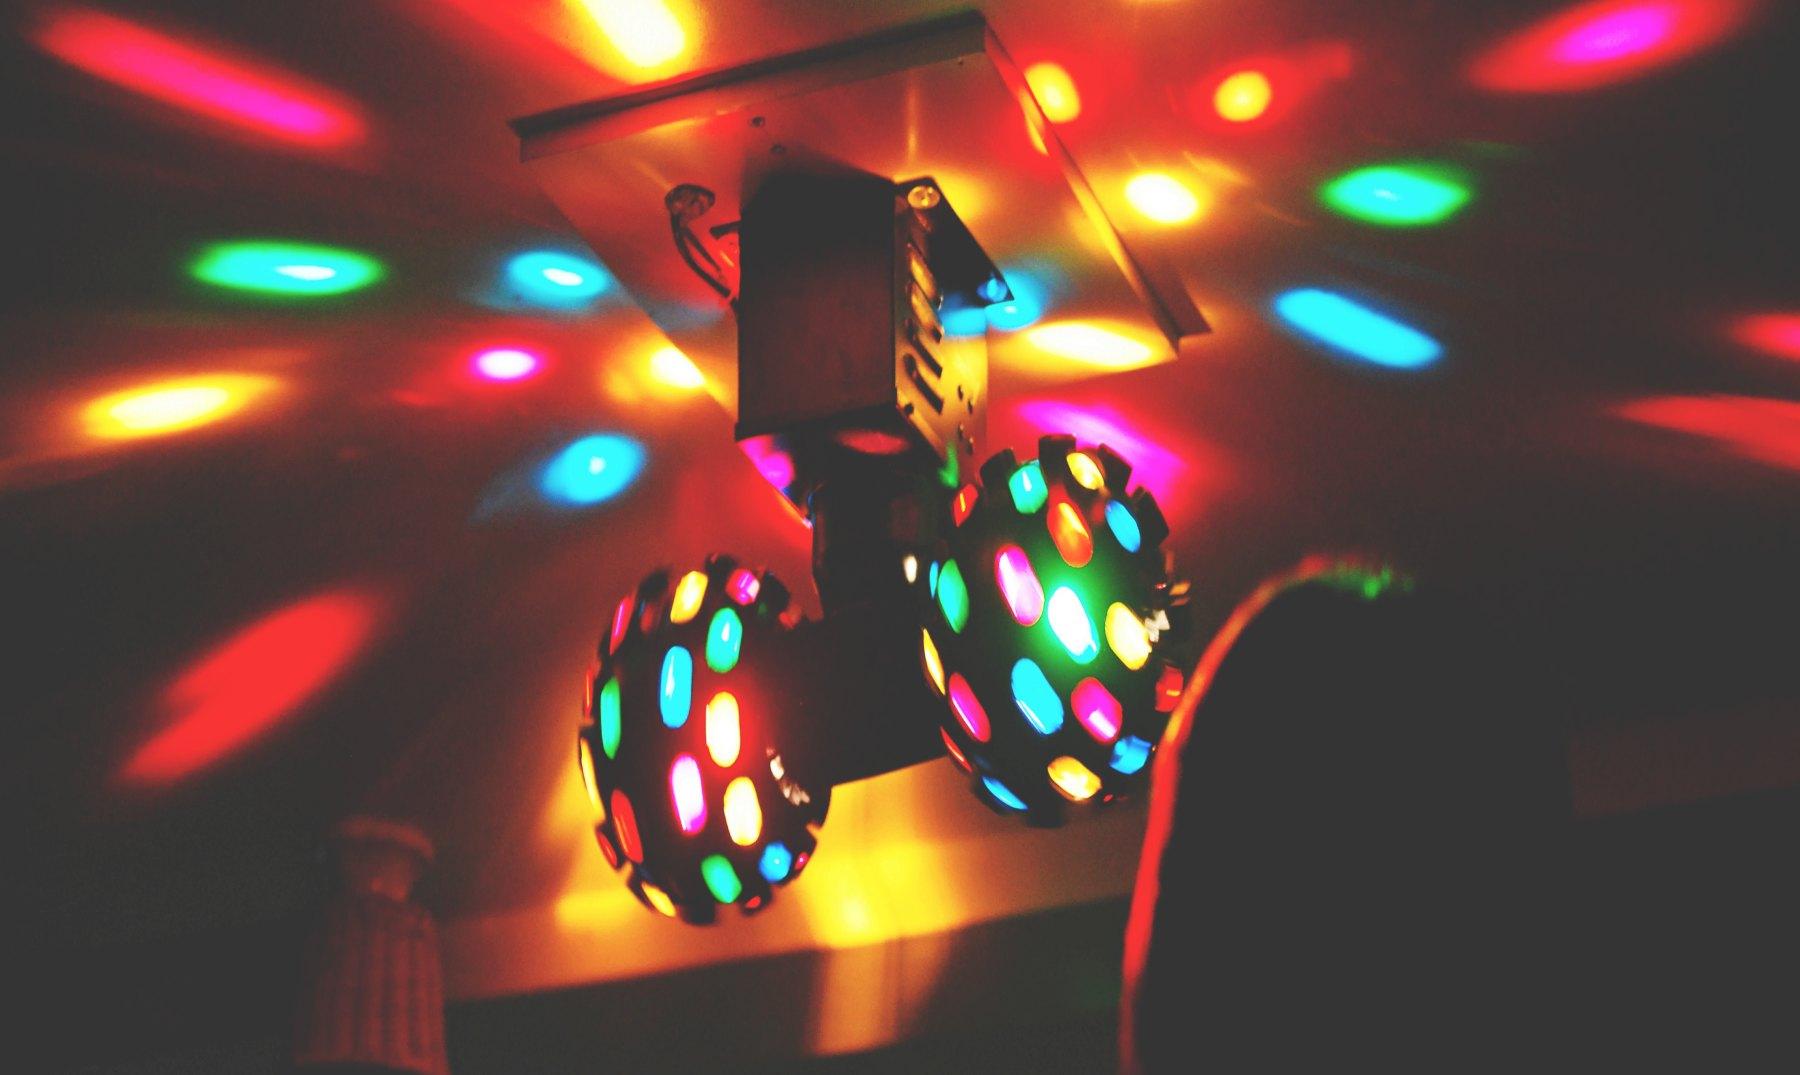 ¿Las luces de una discoteca pueden causar epilepsia?